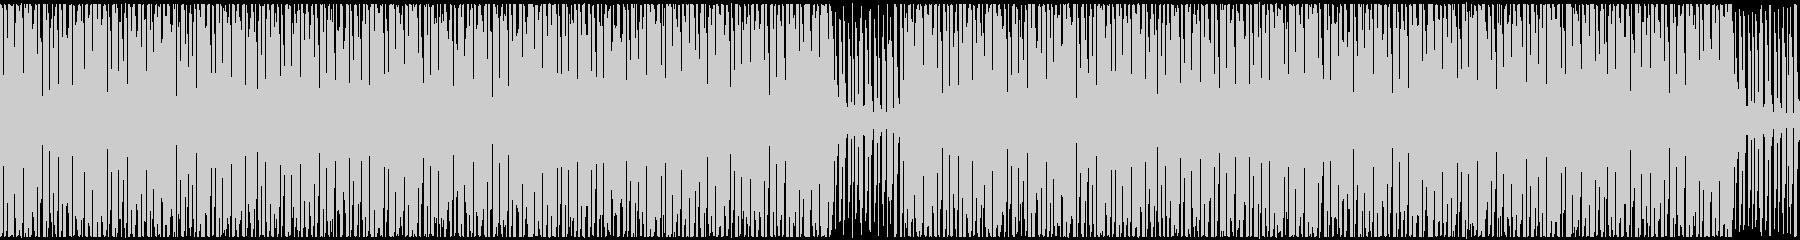 【ループ】ウキウキ気分☆ポップロックの未再生の波形